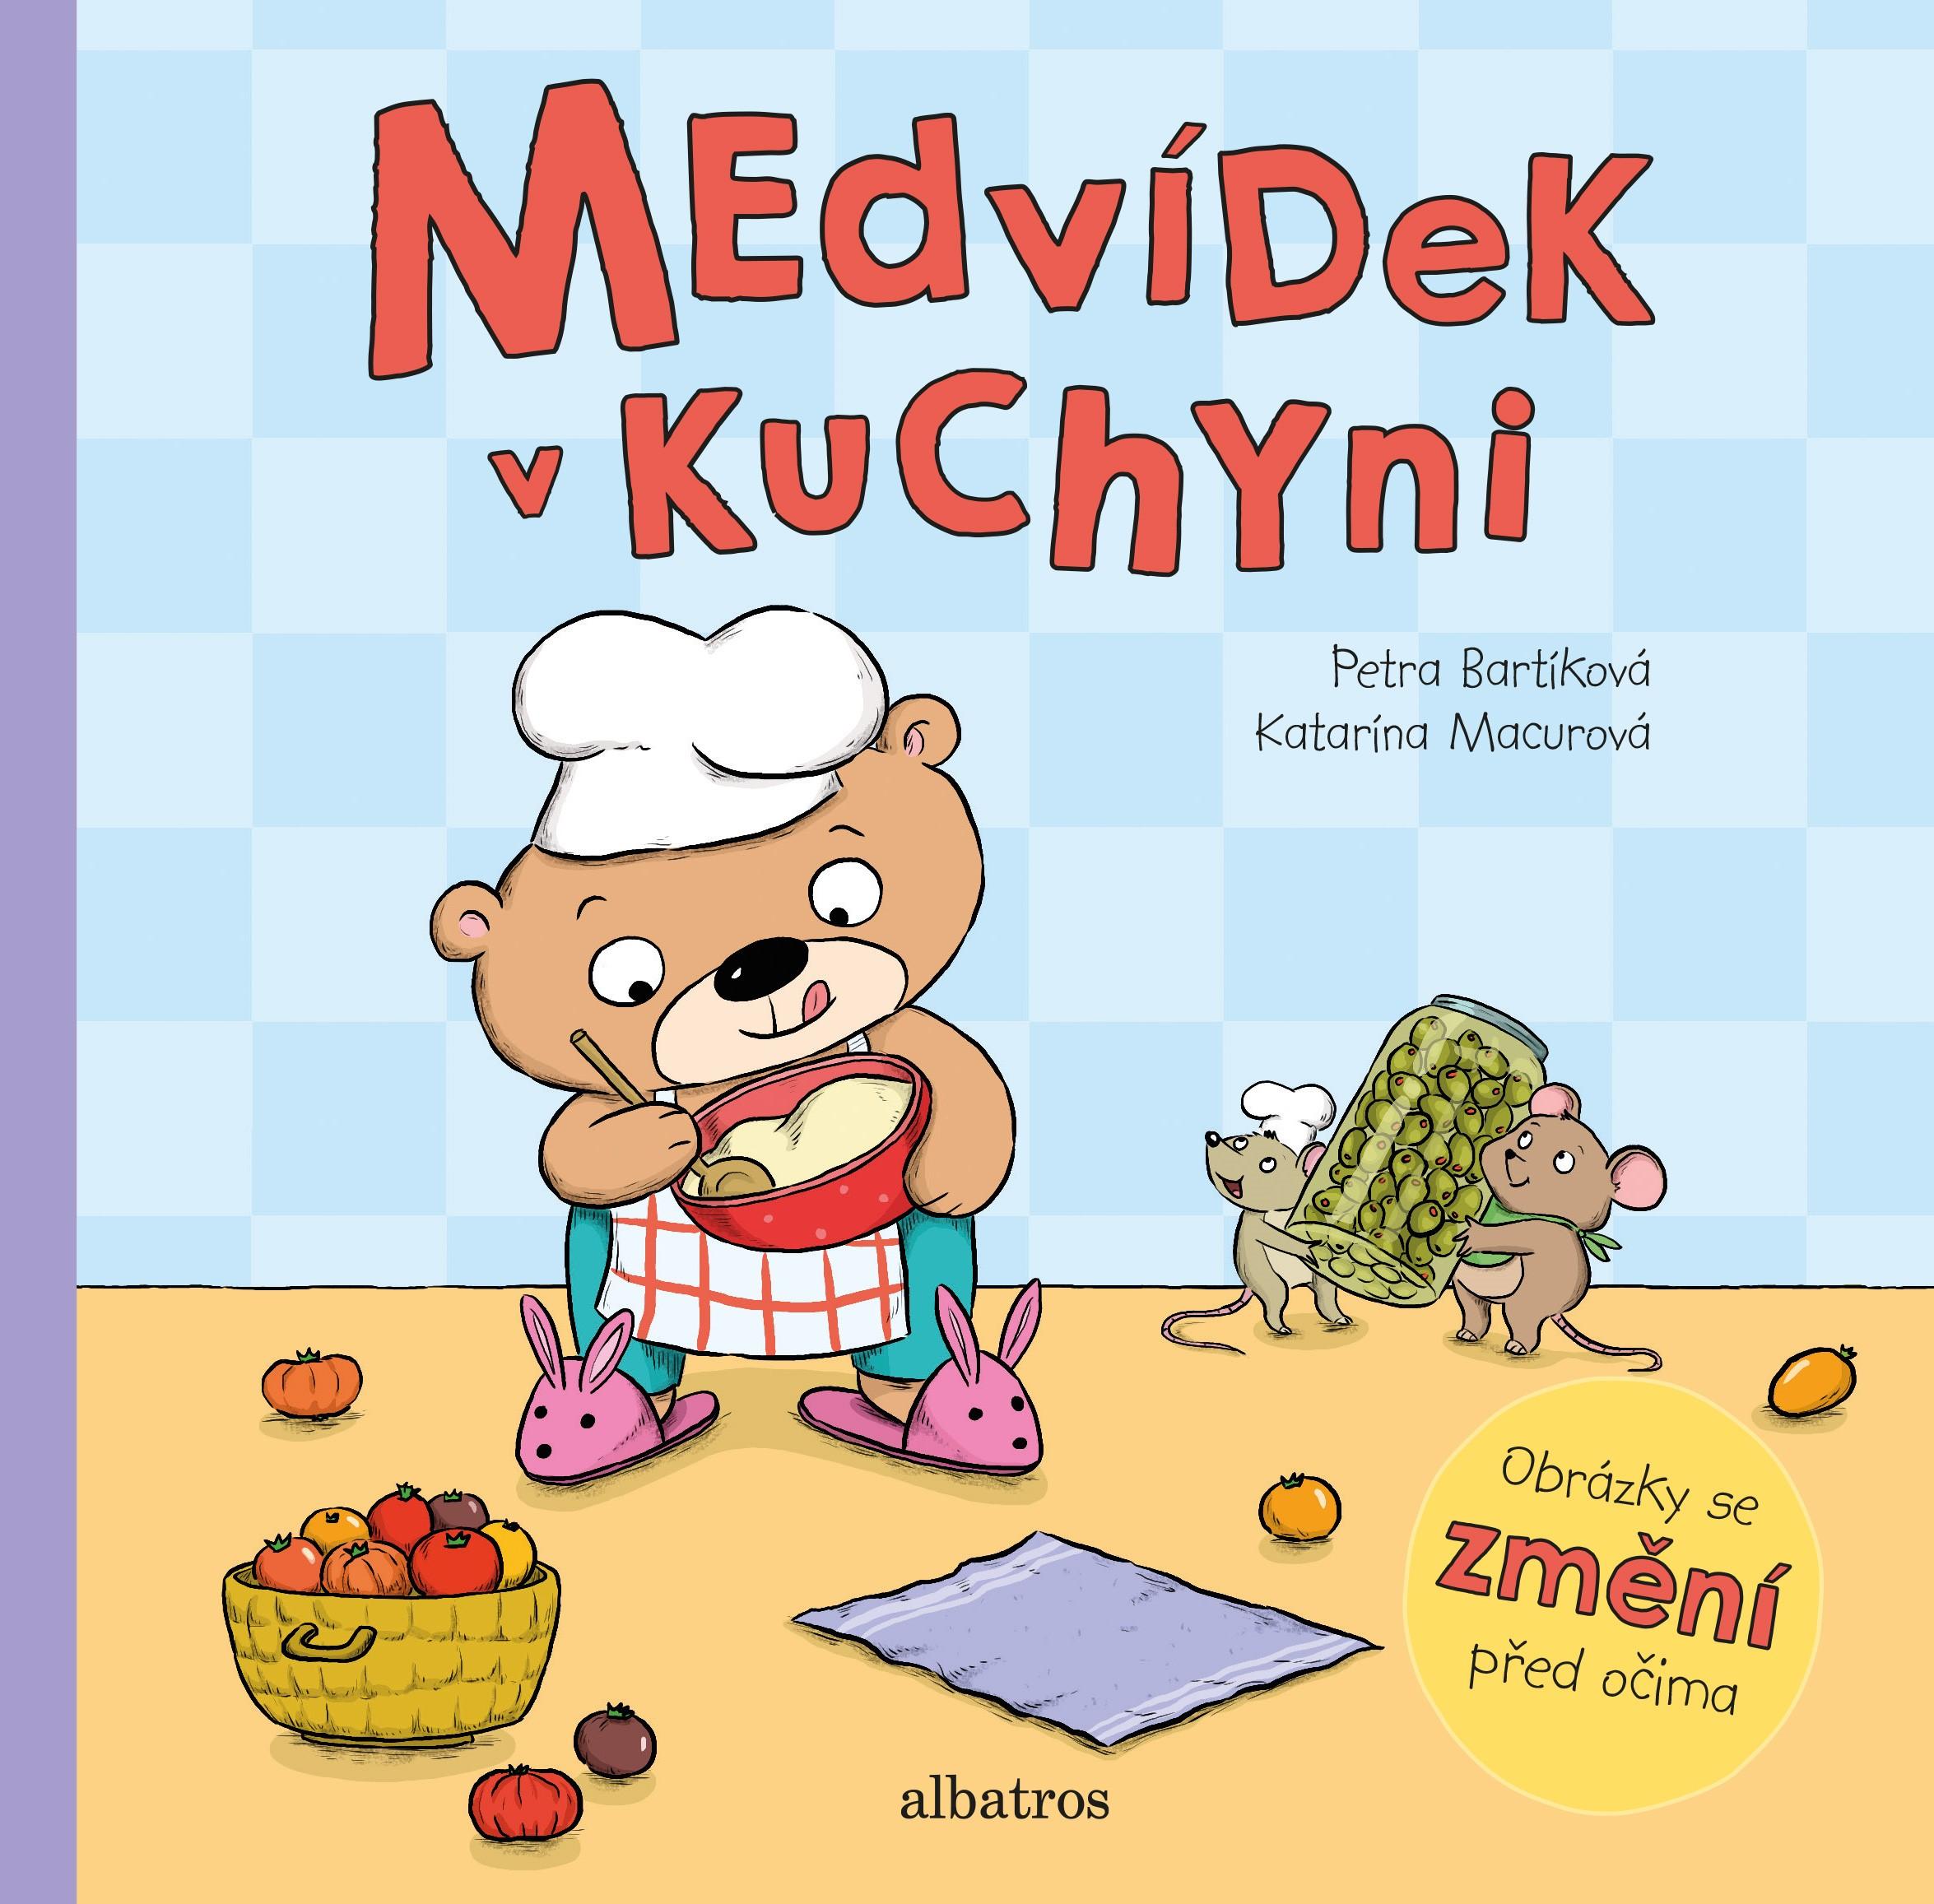 Medvídek v kuchyni - Petra Bartíková